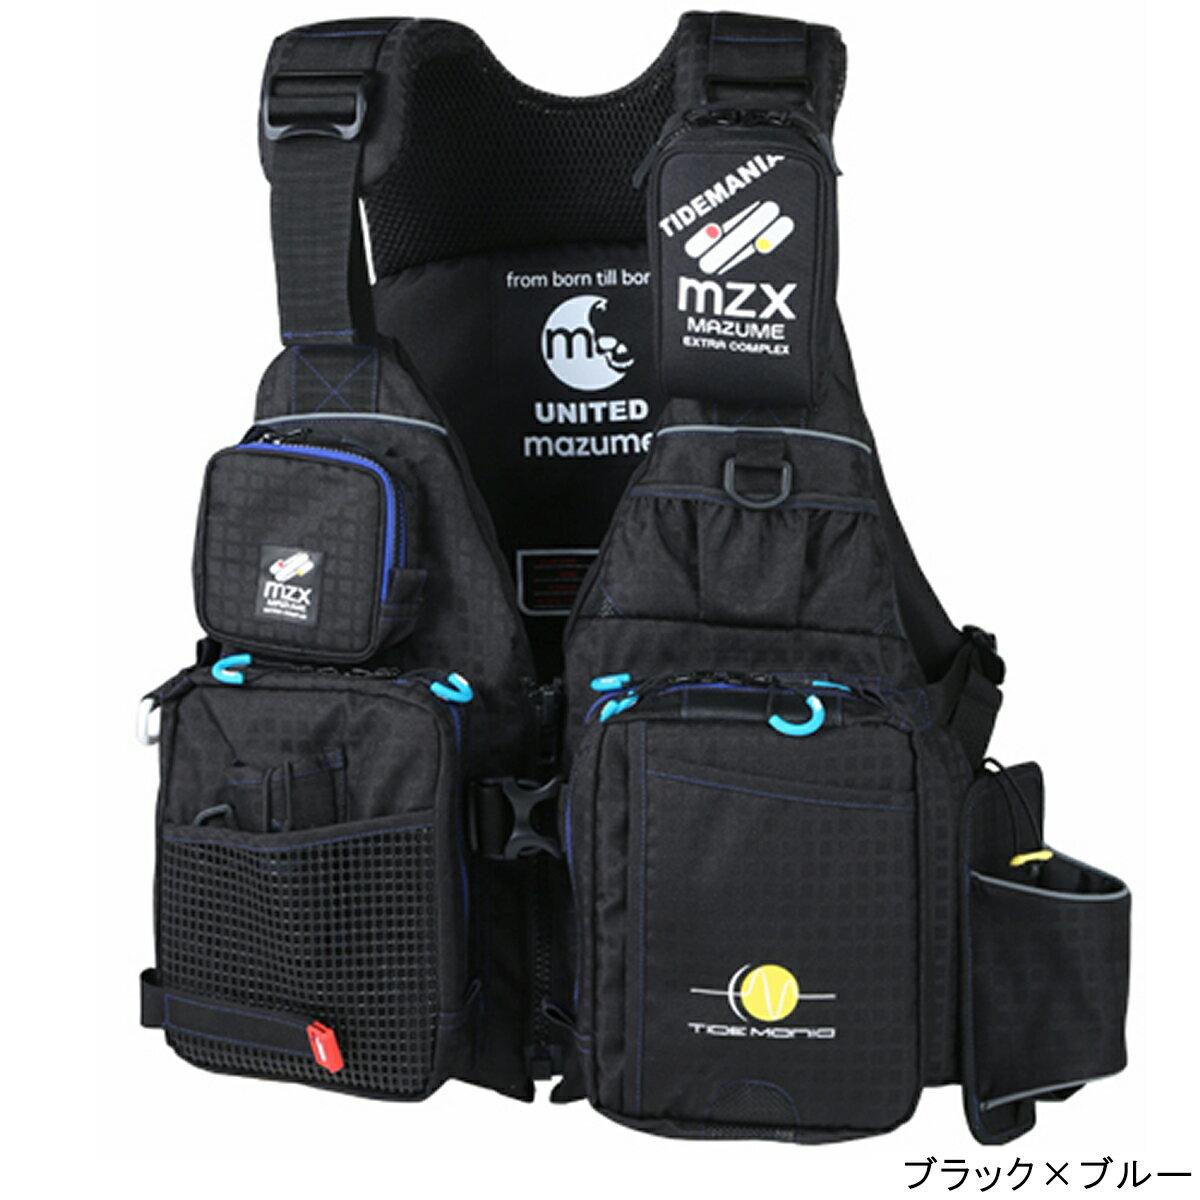 オレンジブルー mazume MZX タイドマニアライフジャケット MZXLJ-049 フリー ブラック×ブルー【送料無料】